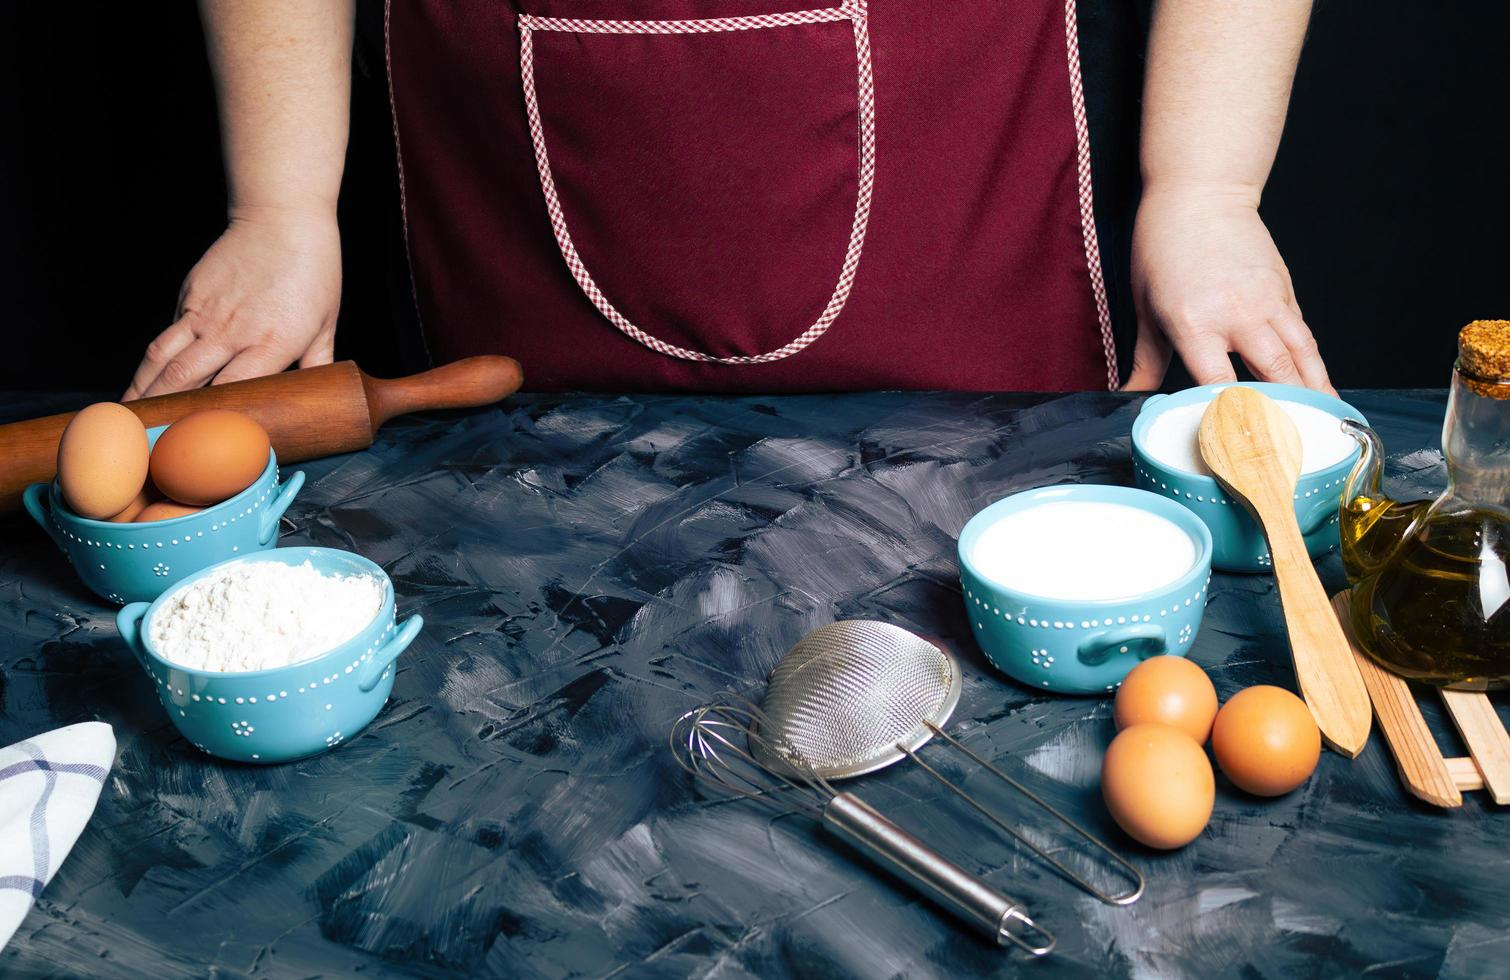 persoon aan een toonbank met bakselingrediënten foto